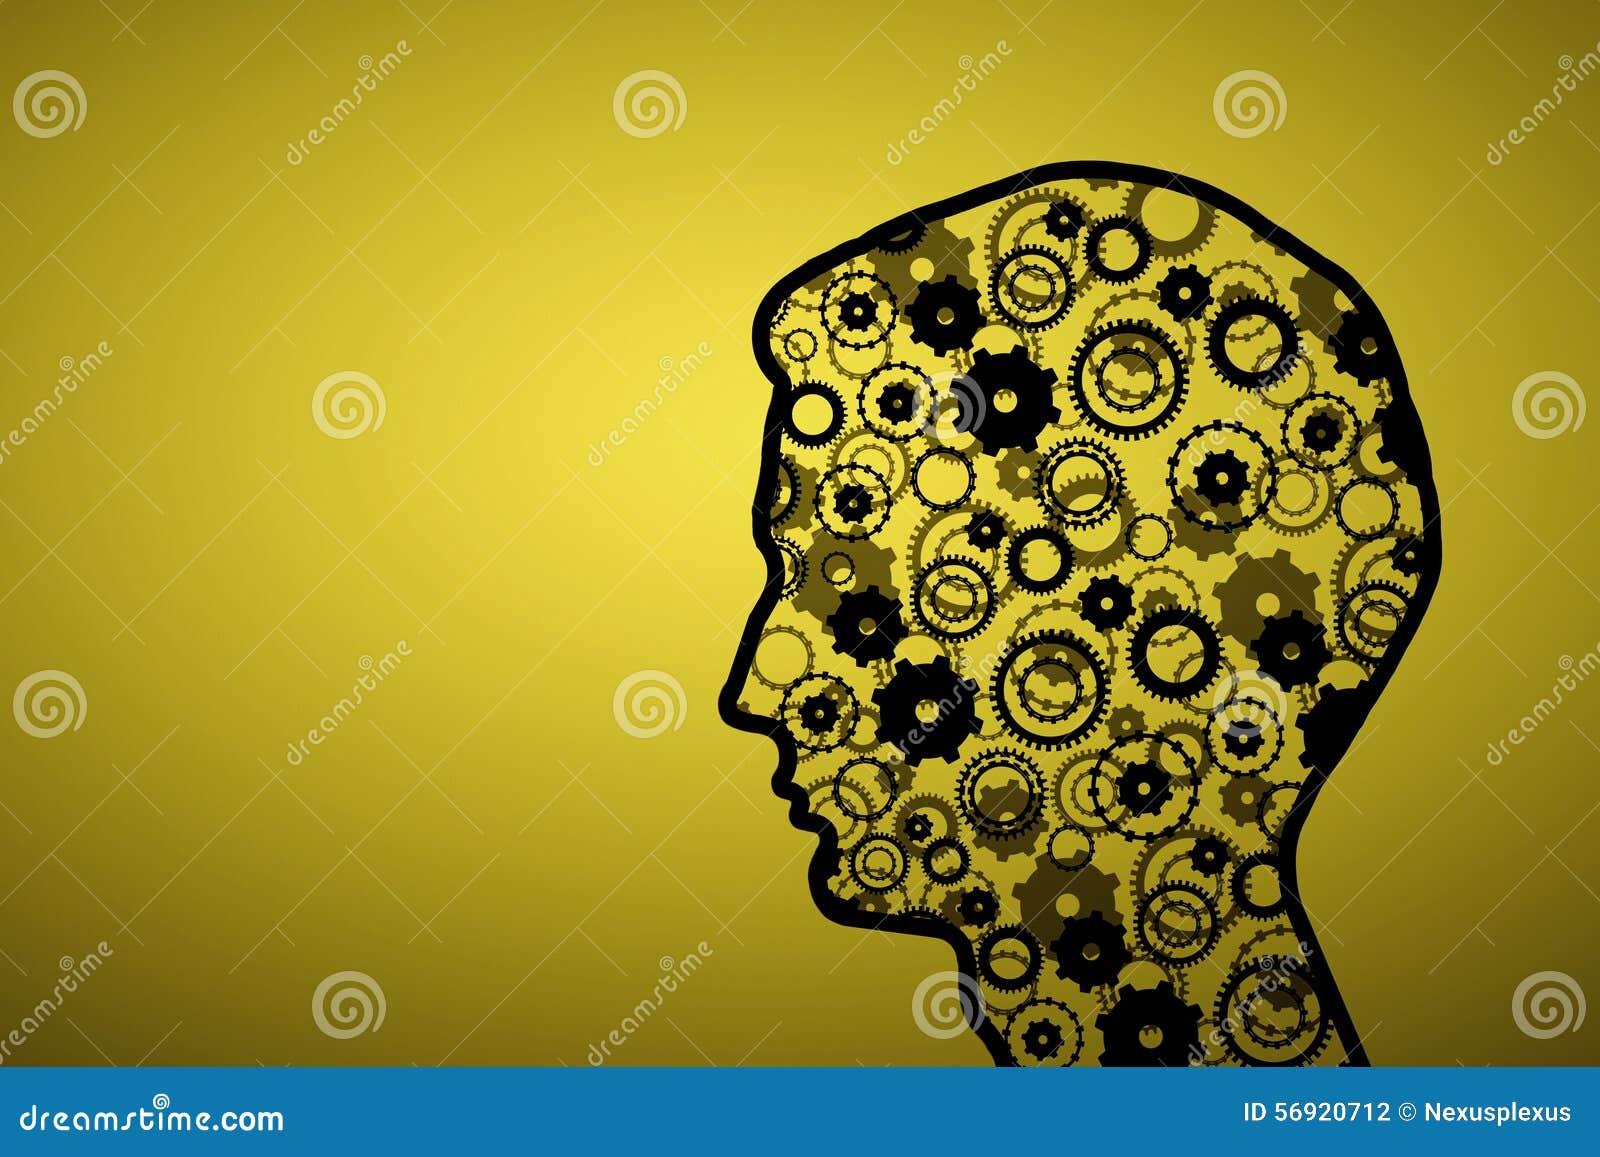 Μηχανισμός σκέψης